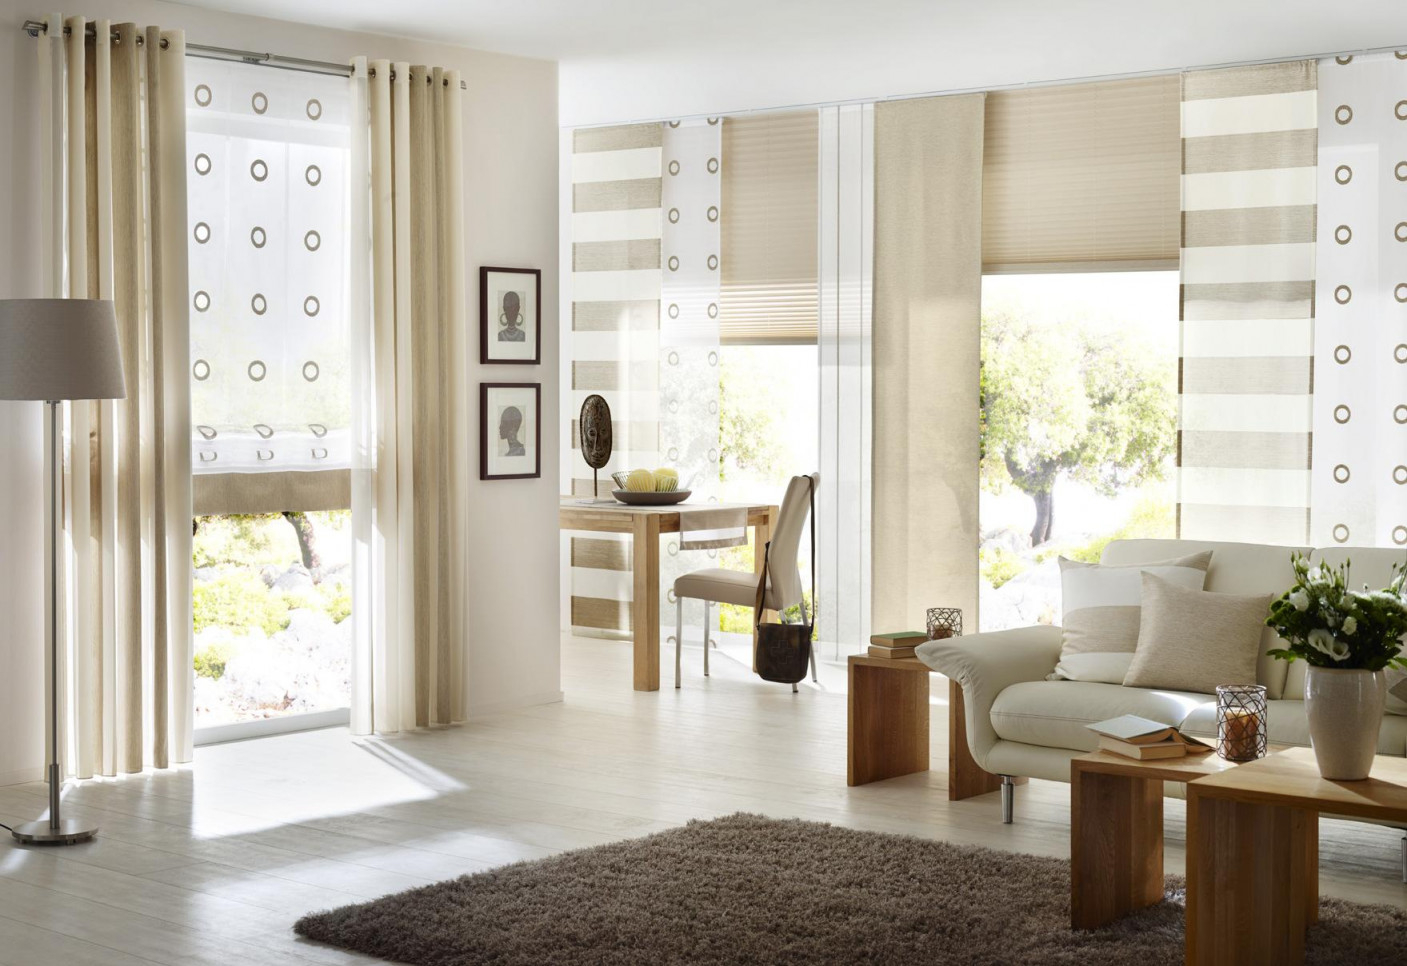 Schiebevorhangideen Lass Dich Inspirieren von Ideen Schiebegardinen Wohnzimmer Bild